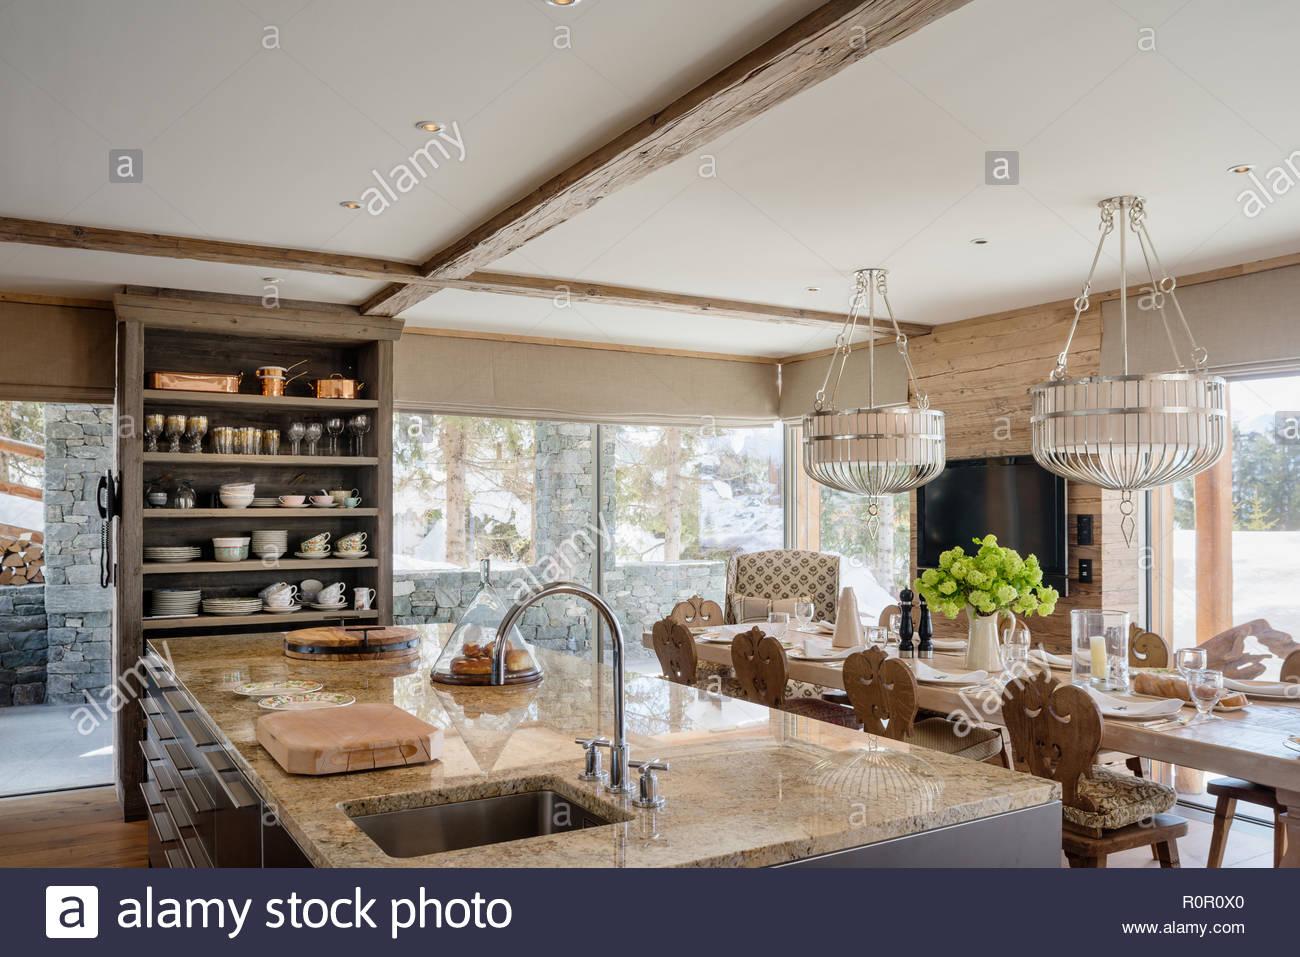 Sala Da Pranzo Rustica : Cucina rustica da sala da pranzo foto immagine stock